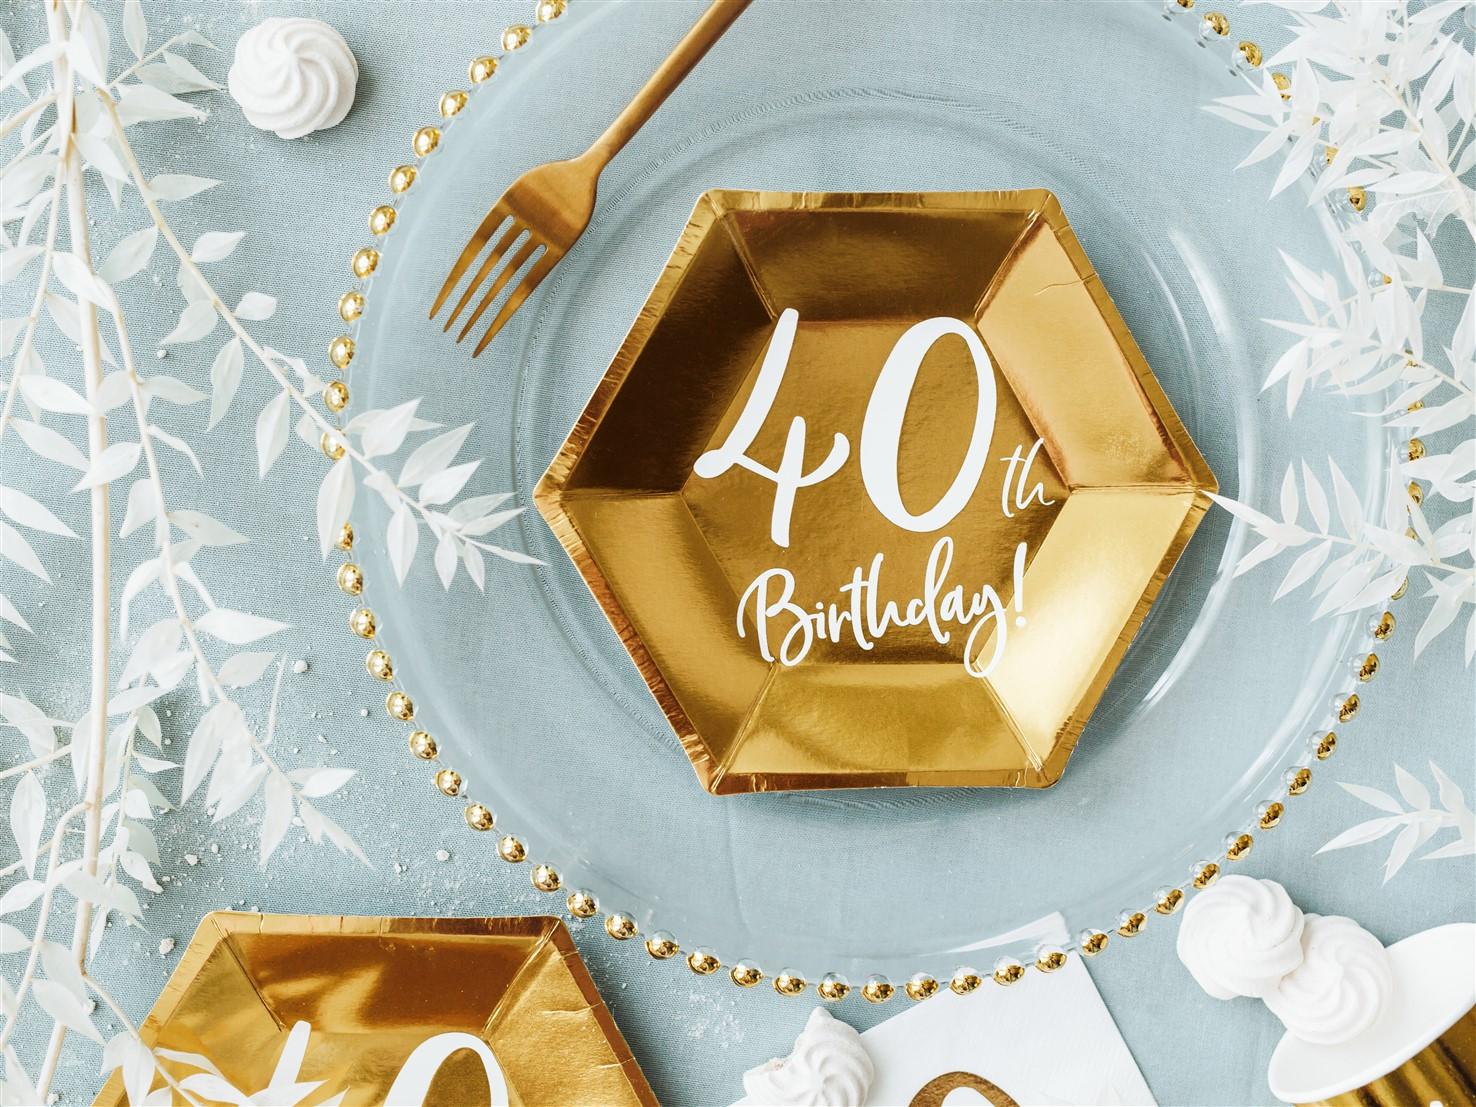 Χάρτινα Πιάτα 40th Birthday 20εκ – 6 Τεμάχια